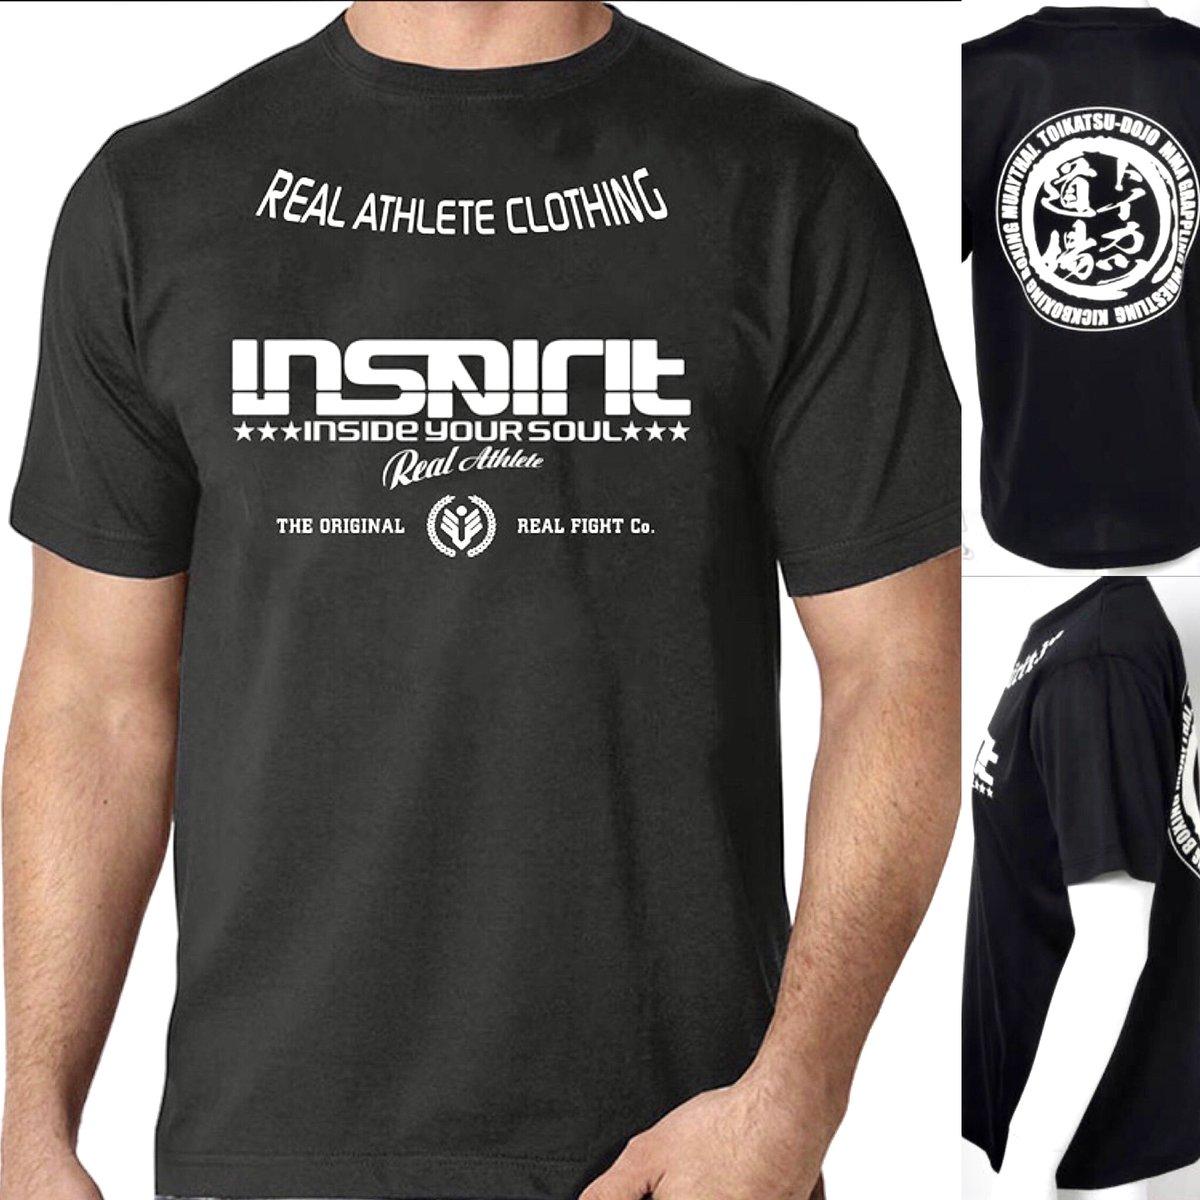 「格闘技を着る」 トイカツ✖INSPIRIT オリジナルコラボTシャツ  シーンを選ばないドライ素材で汗をかいても快適な着ごこち。  お取り扱いは 各店舗、オンラインストア   #格闘技 #inspirit #トイカツ道場 #トレーニング #かっこいい #mma #kickboxing #boxing